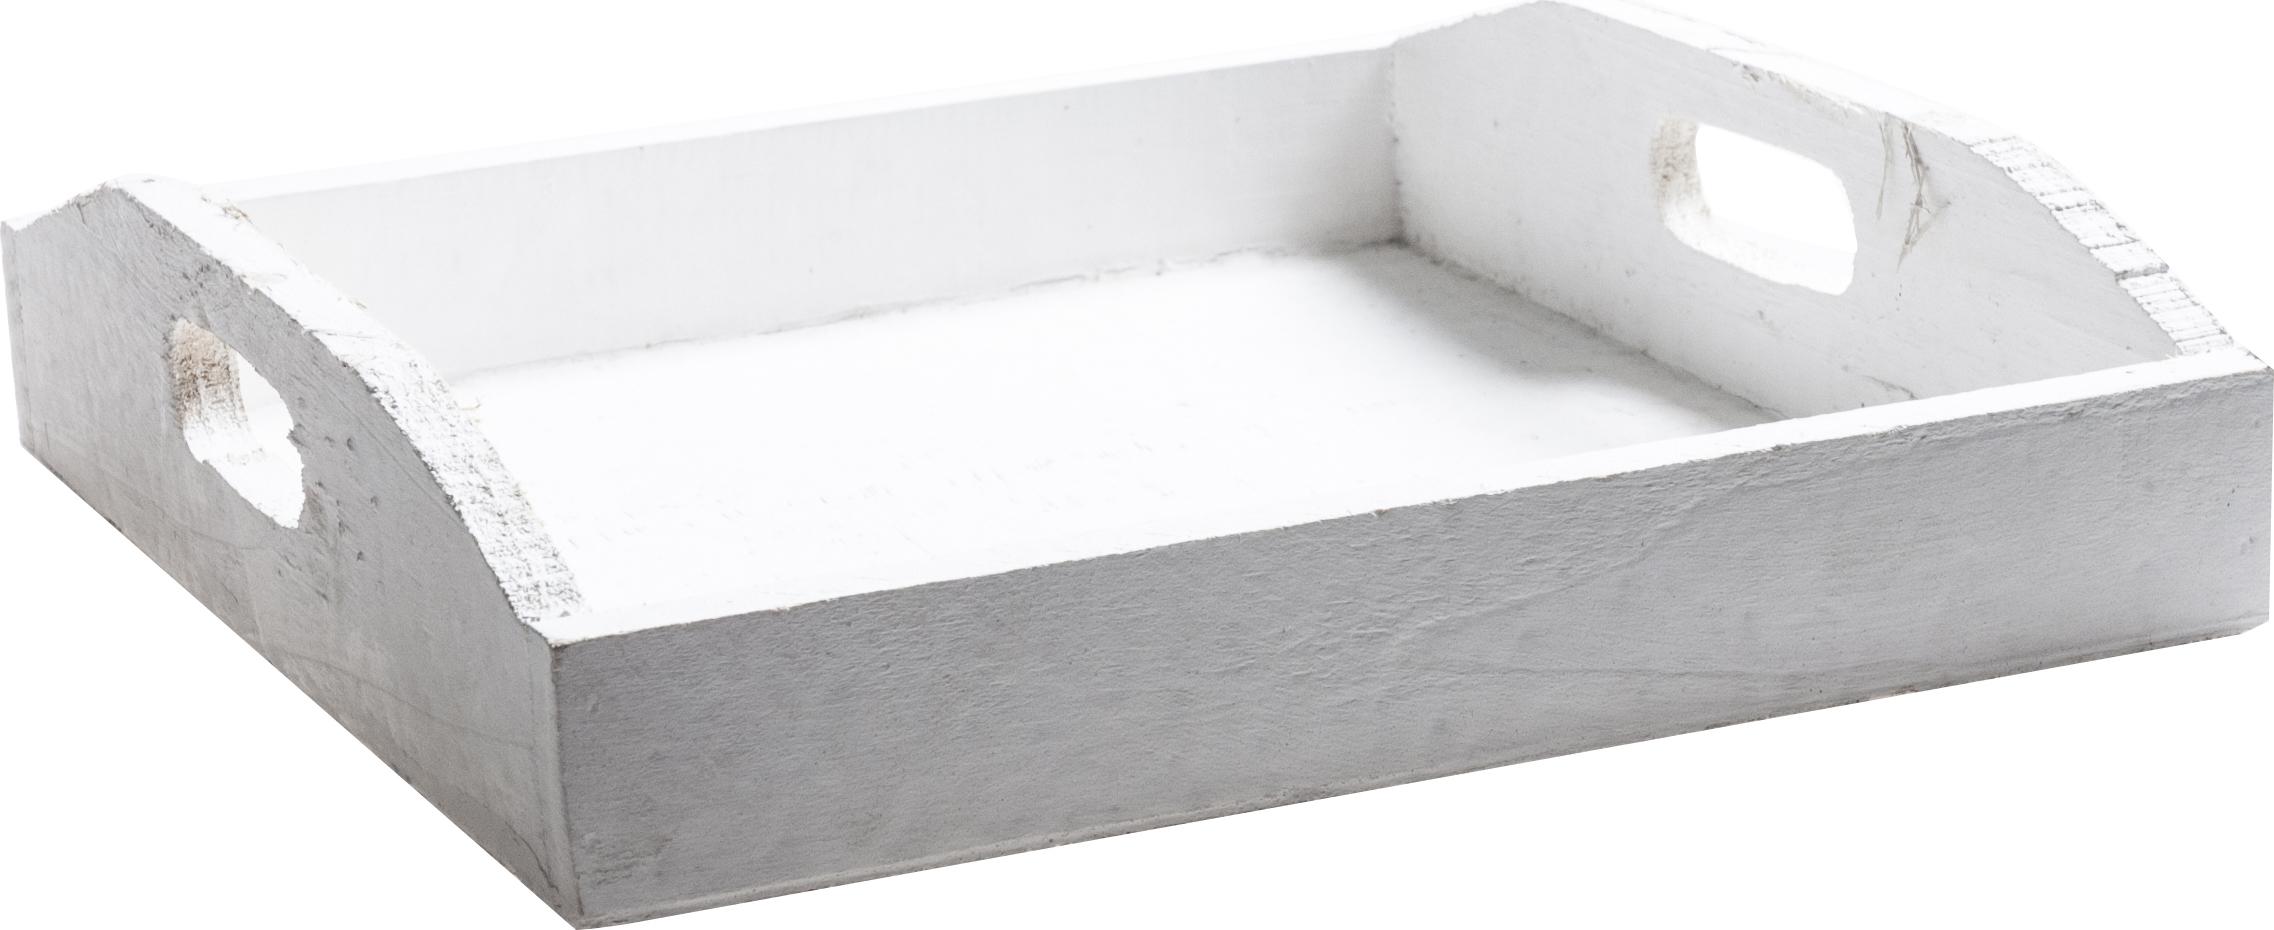 Dřevěný tác | dekorace | servírování | 22x22x3cm Barva: bílá